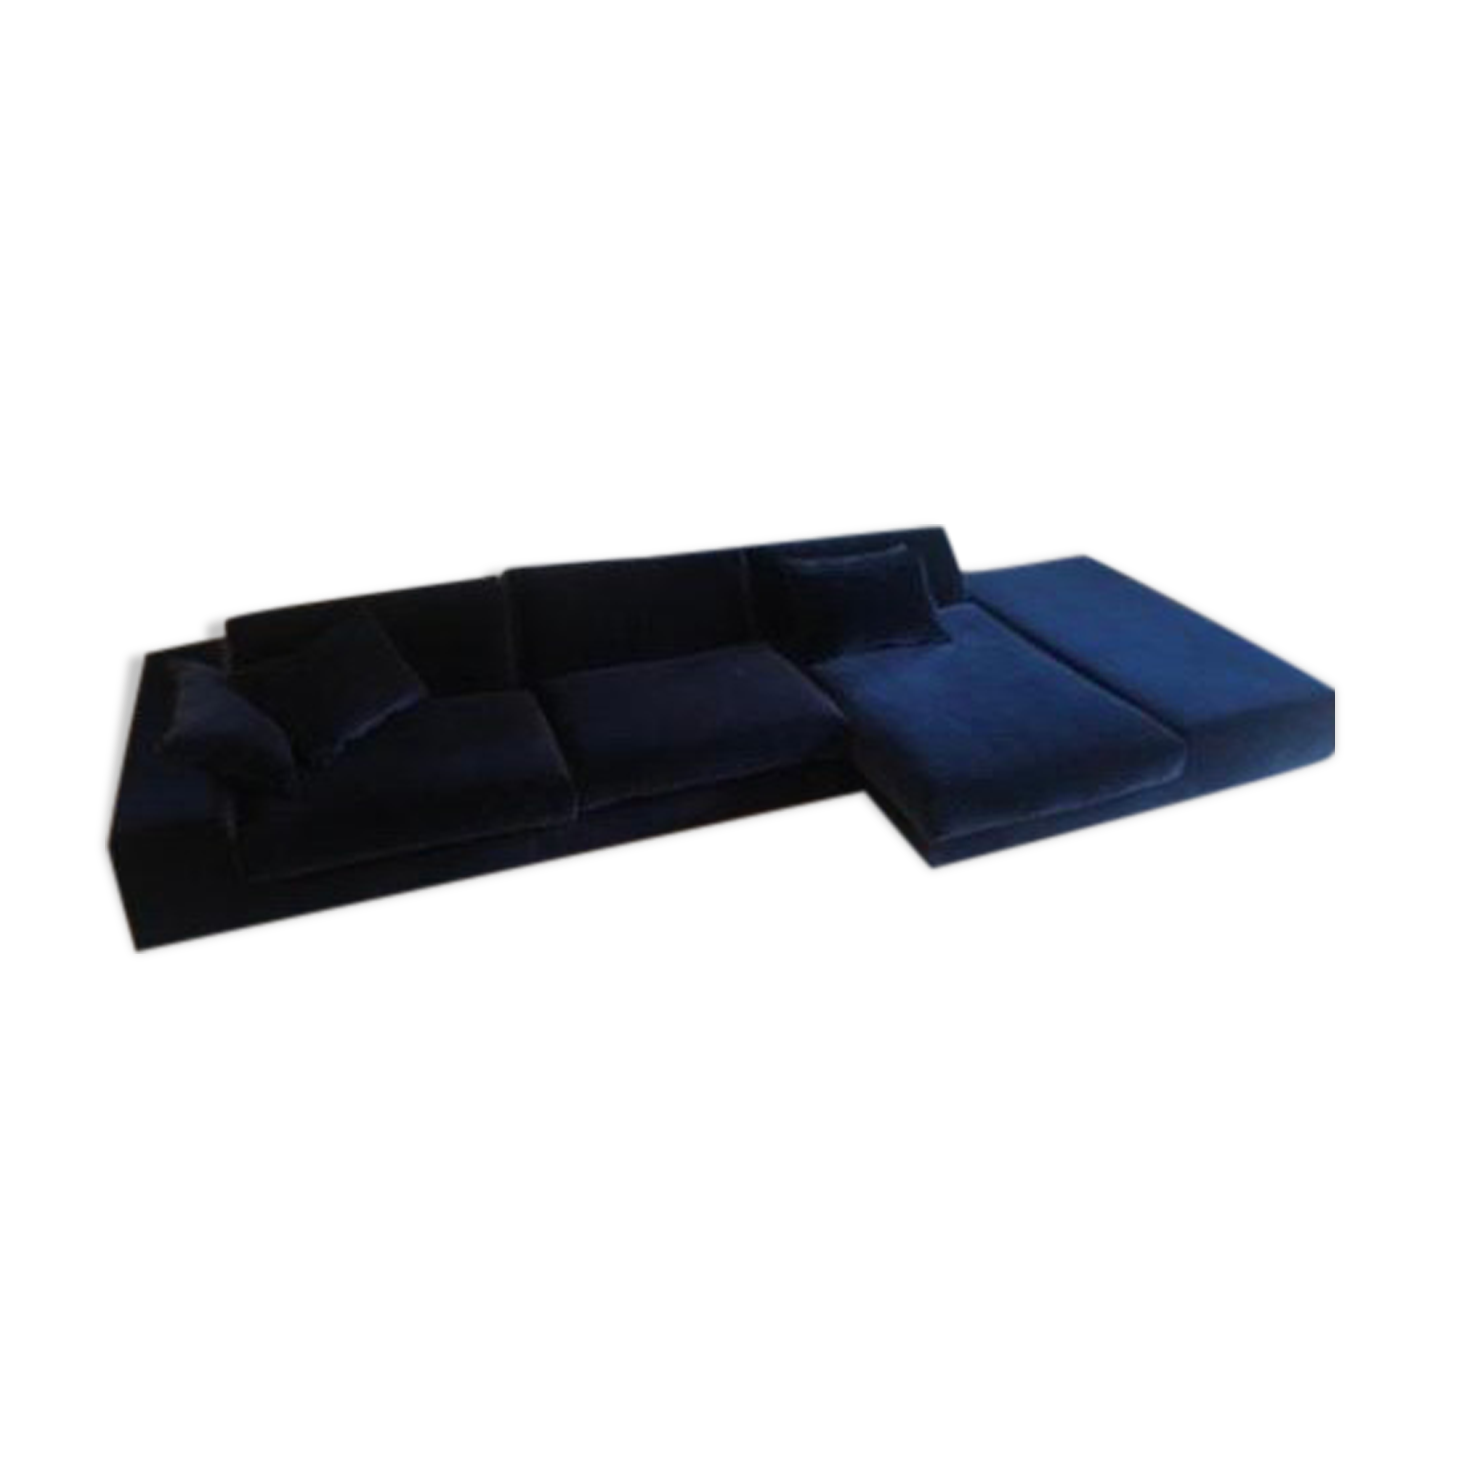 Canapé Roche bobois velours bleu nuit